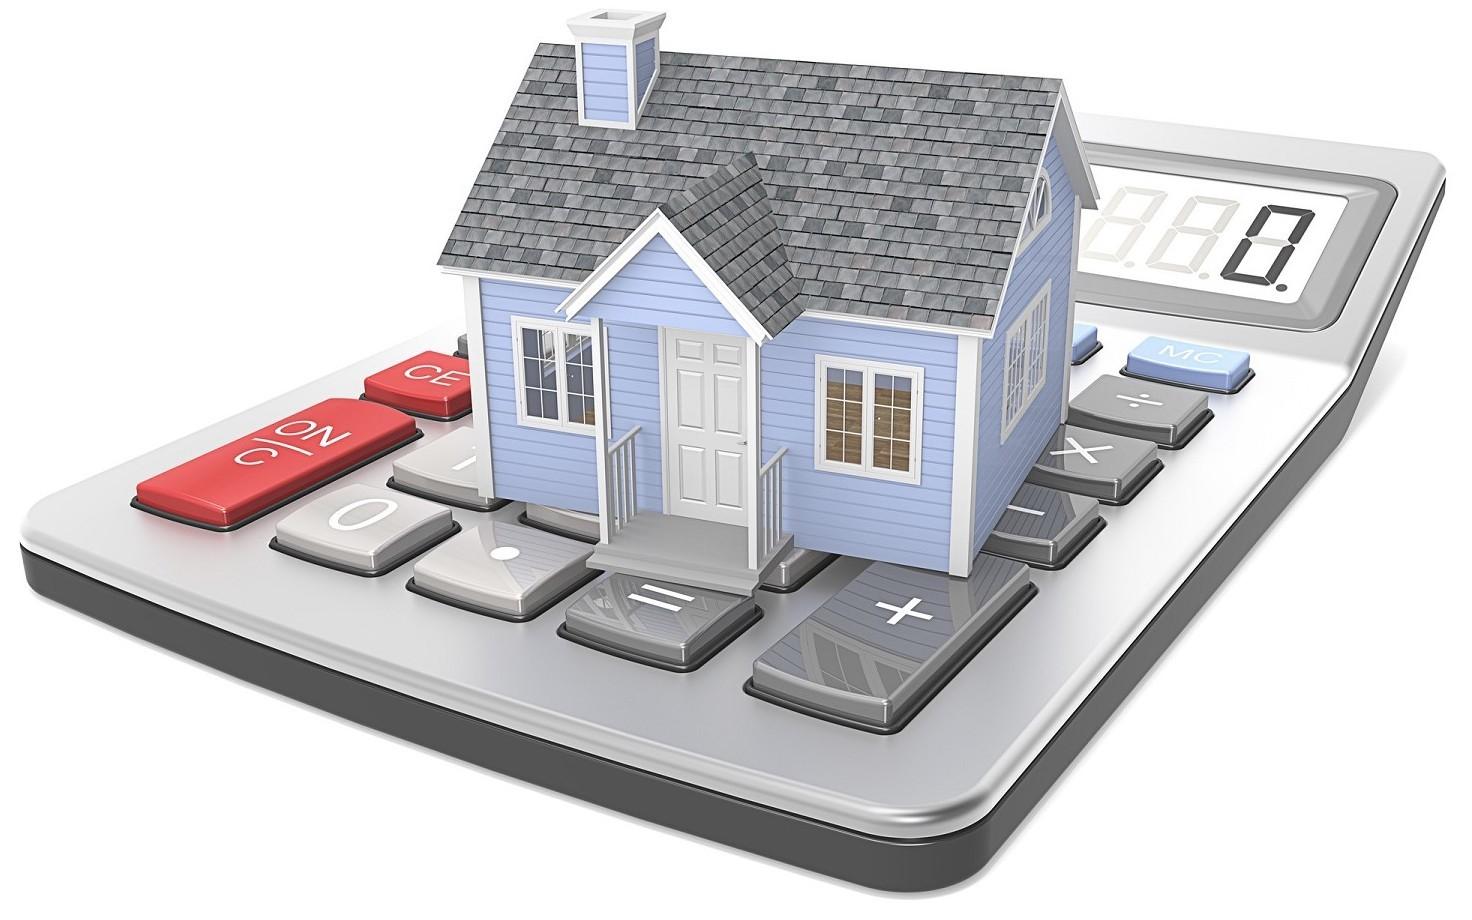 Se affitto una casa a 400 euro quanto pago di tasse. Calcolo ed esempi